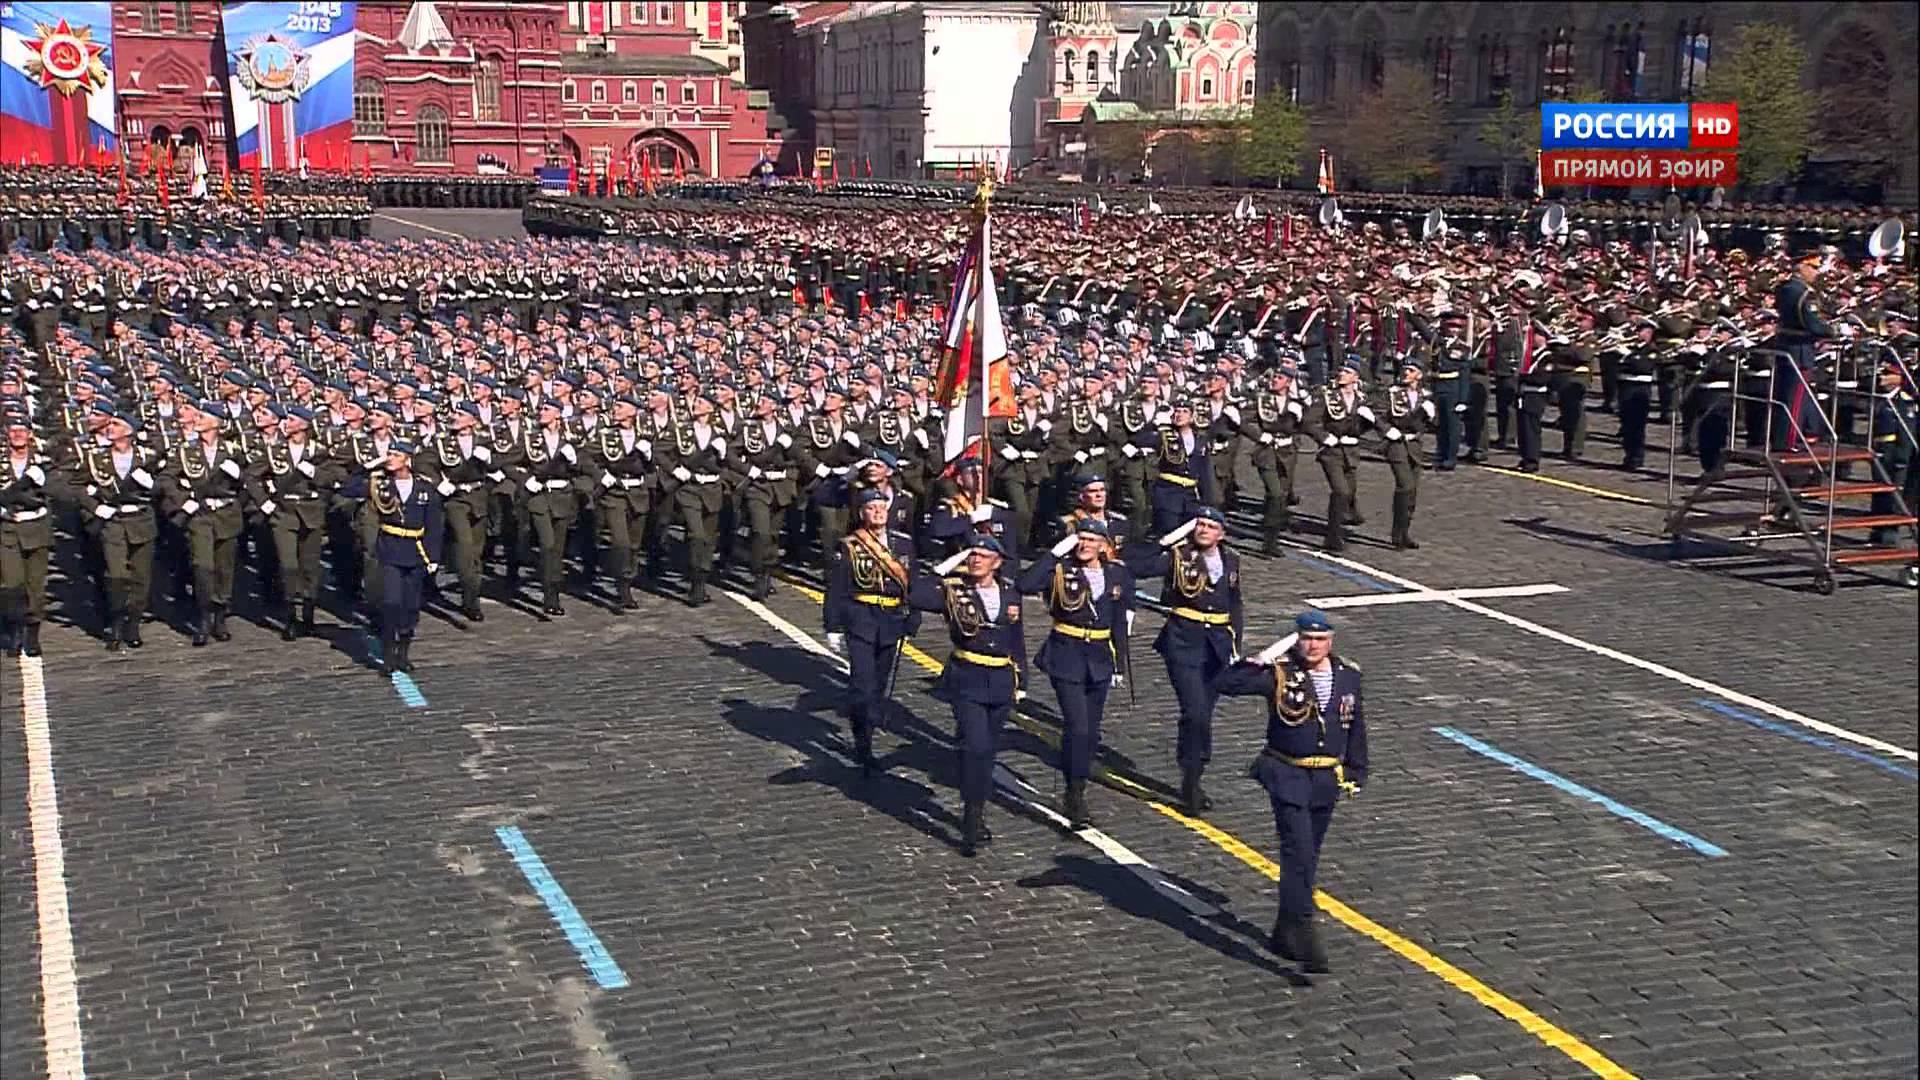 Парадът в Москва - грандиозен и незабравим  - 3